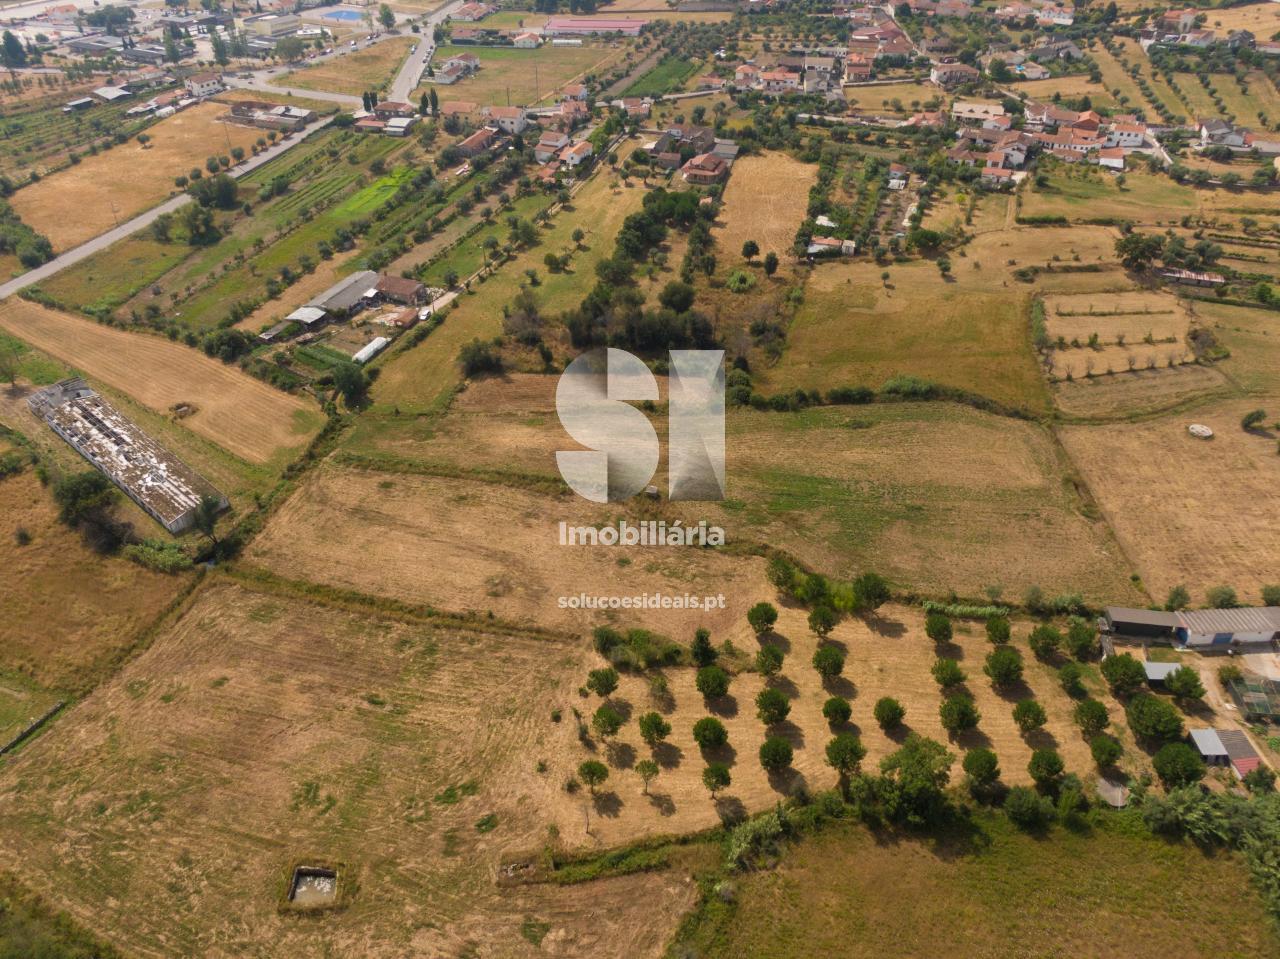 terreno para compra em vila nova de poiares poiares santo andre poiares LSANL438